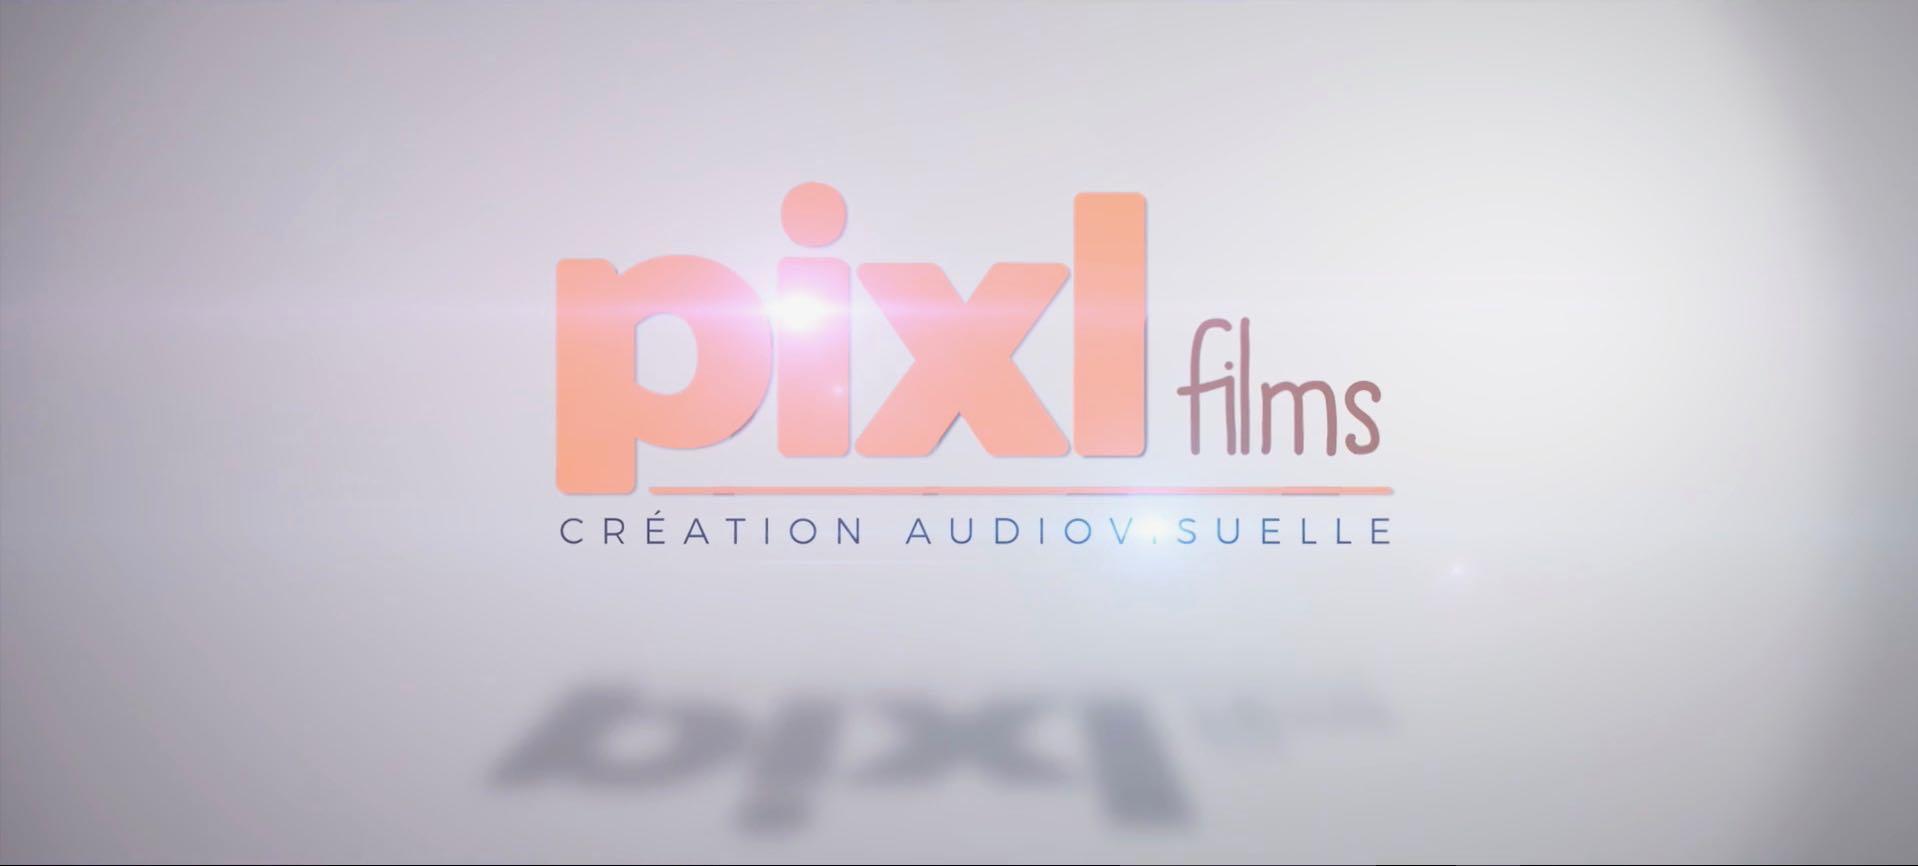 pixl-films-entreprise